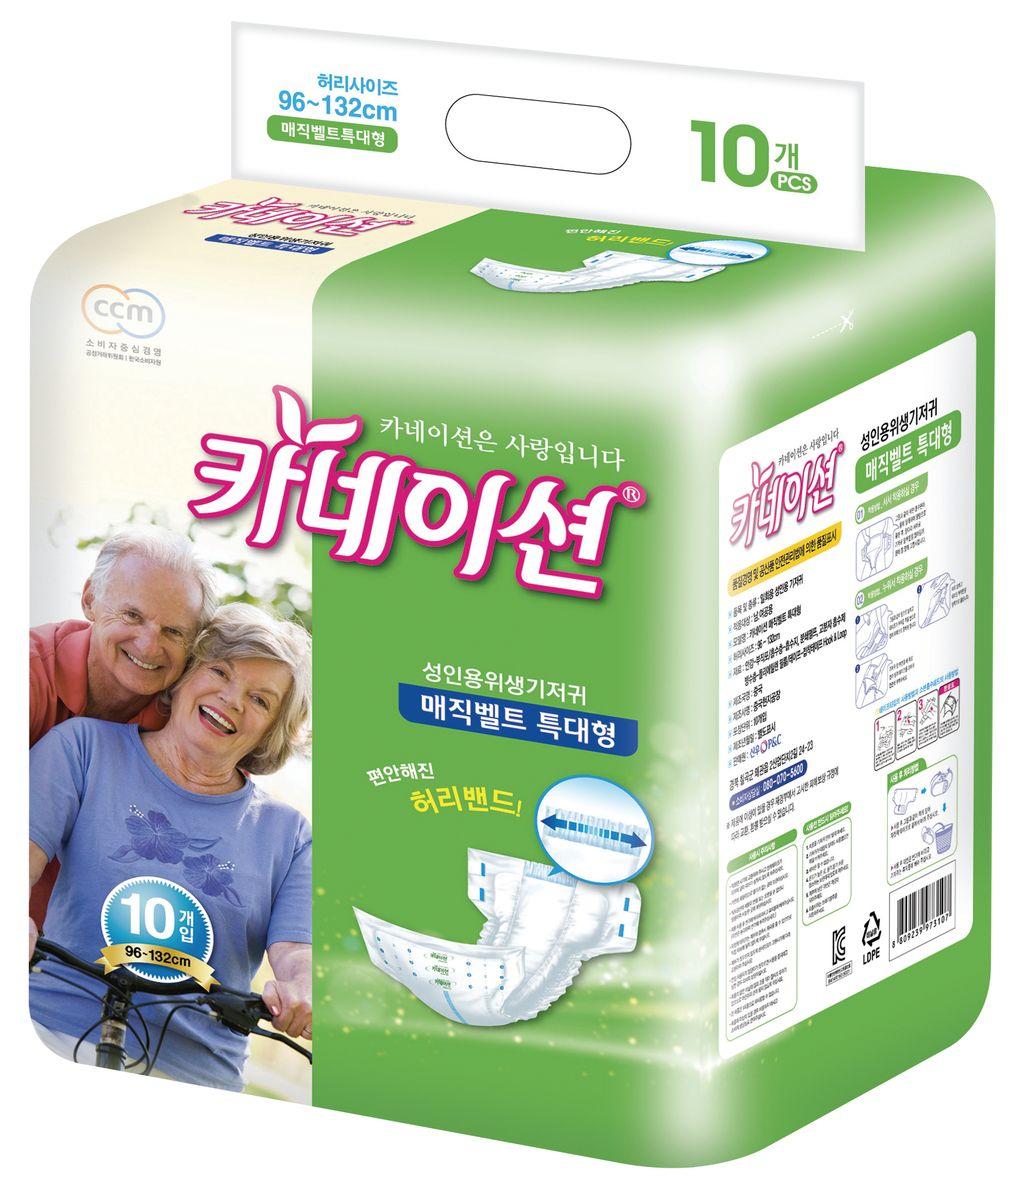 Carnation Подгузники для взрослых L 10 штSC-FM20101Подгузники для взрослых Carnation оснащены липучками, что упрощает надевание. Такие подгузники подойдут для взрослых с недержанием или для ухода за лежачими больными. Обхват талии: от 96 до 132 см. Продукция Carnation производится для внутреннего рынка Южной Кореи и соответствует предъявляемым высоким стандартам качества Республики Корея.